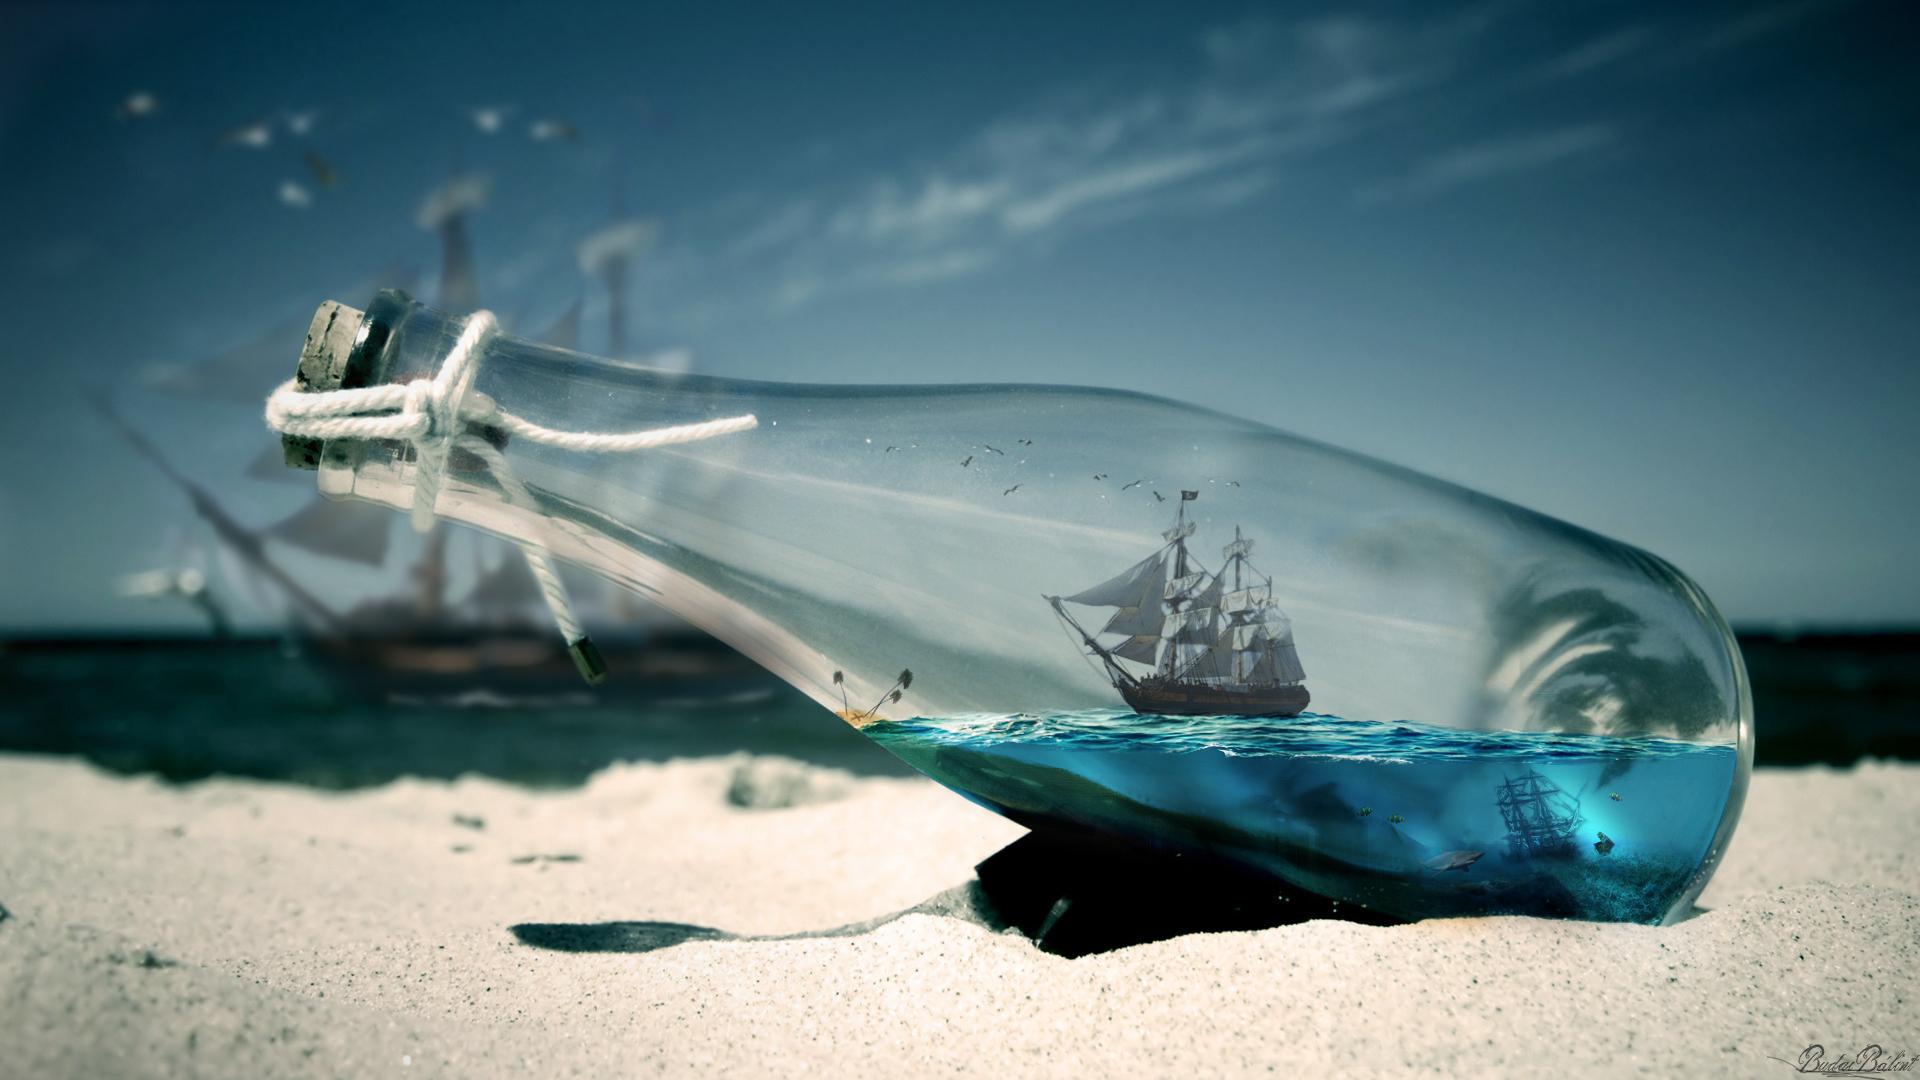 Ship in bottle by balint4